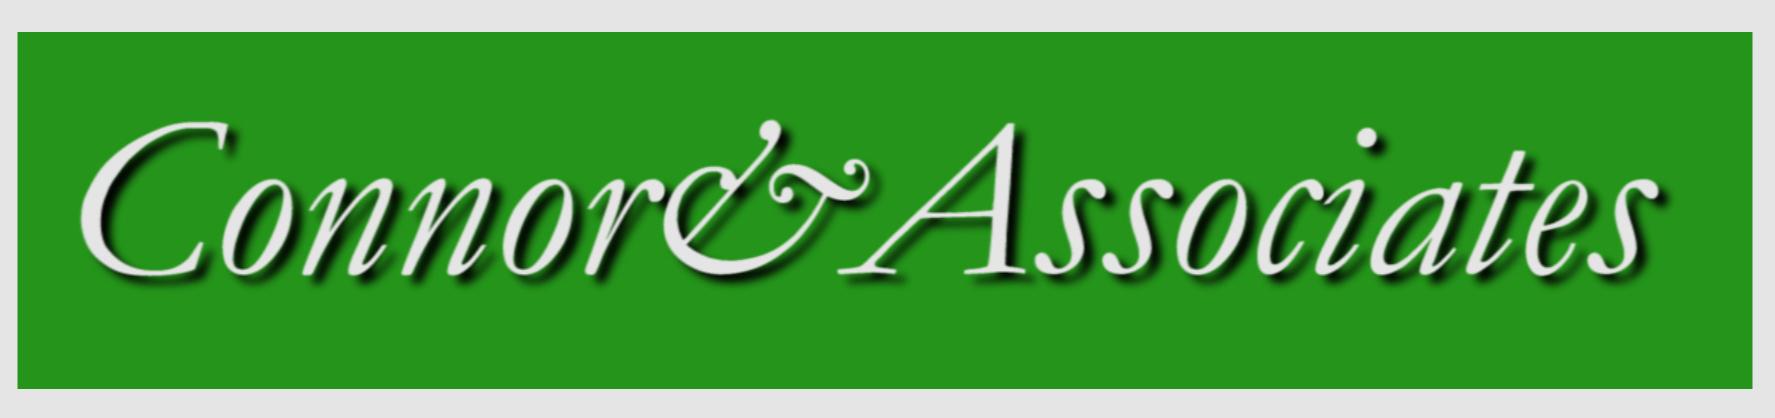 C&A logo w border.jpg